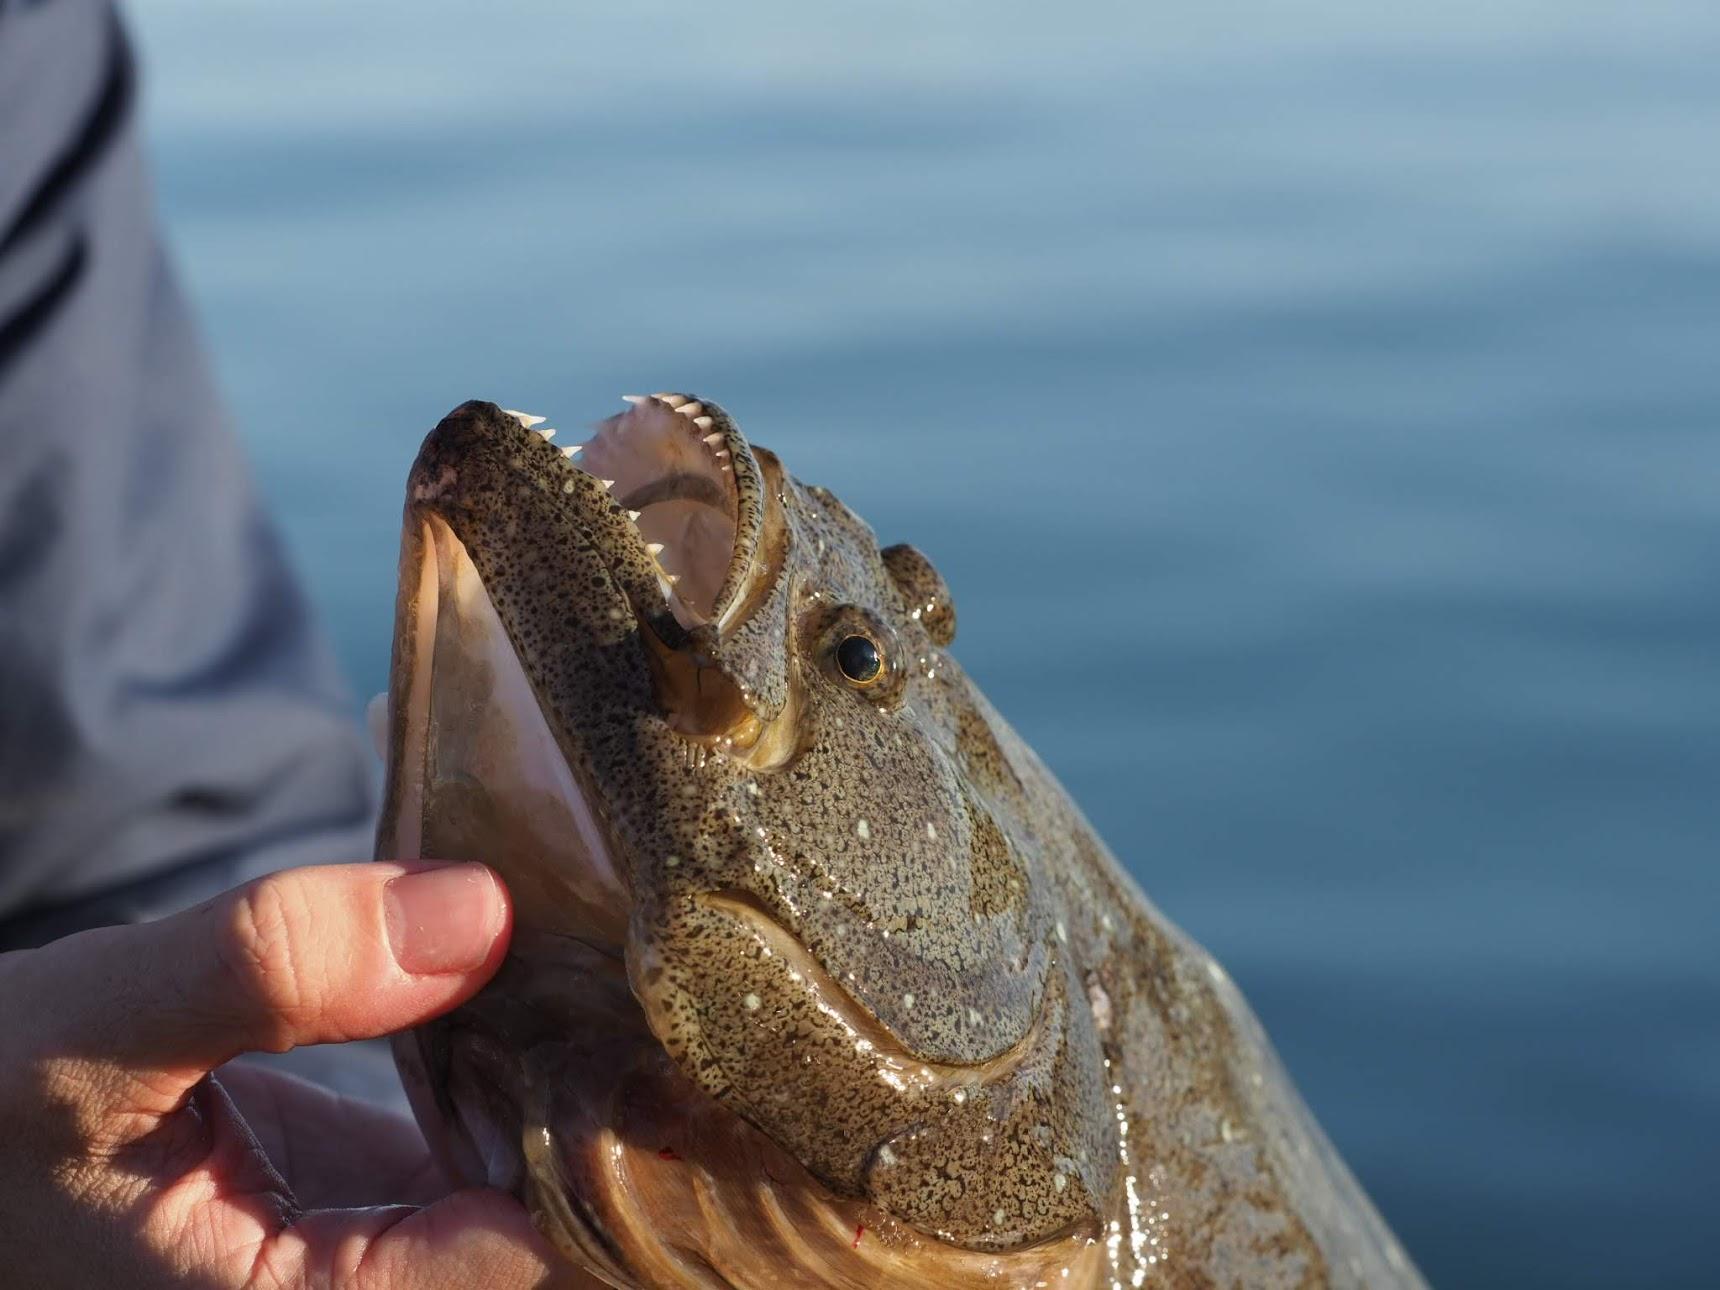 ヒラメを釣り上げた